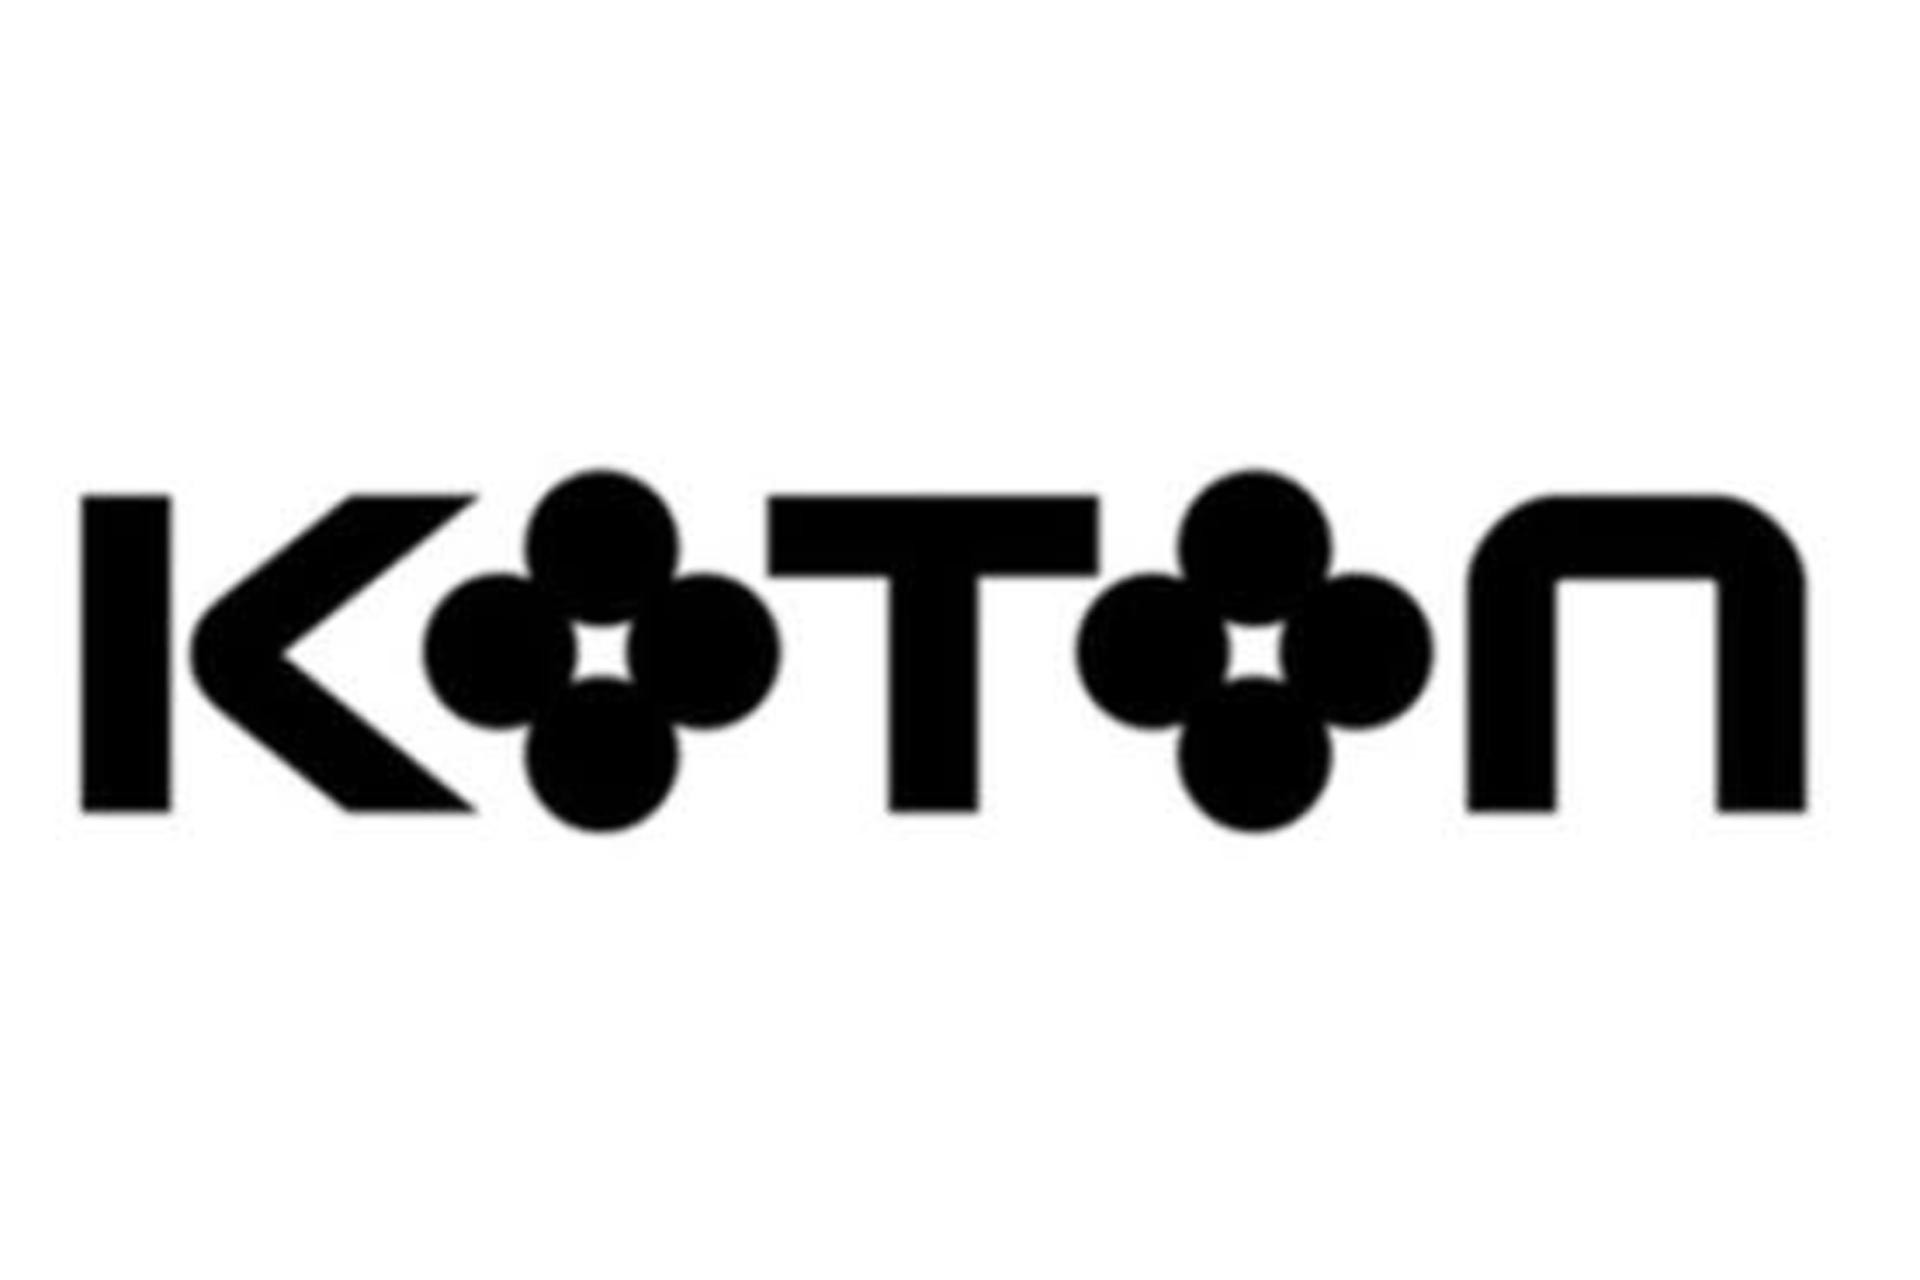 Koton sosyal medya paylaşımlarını takip ettiği çalışanını işten çıkardı